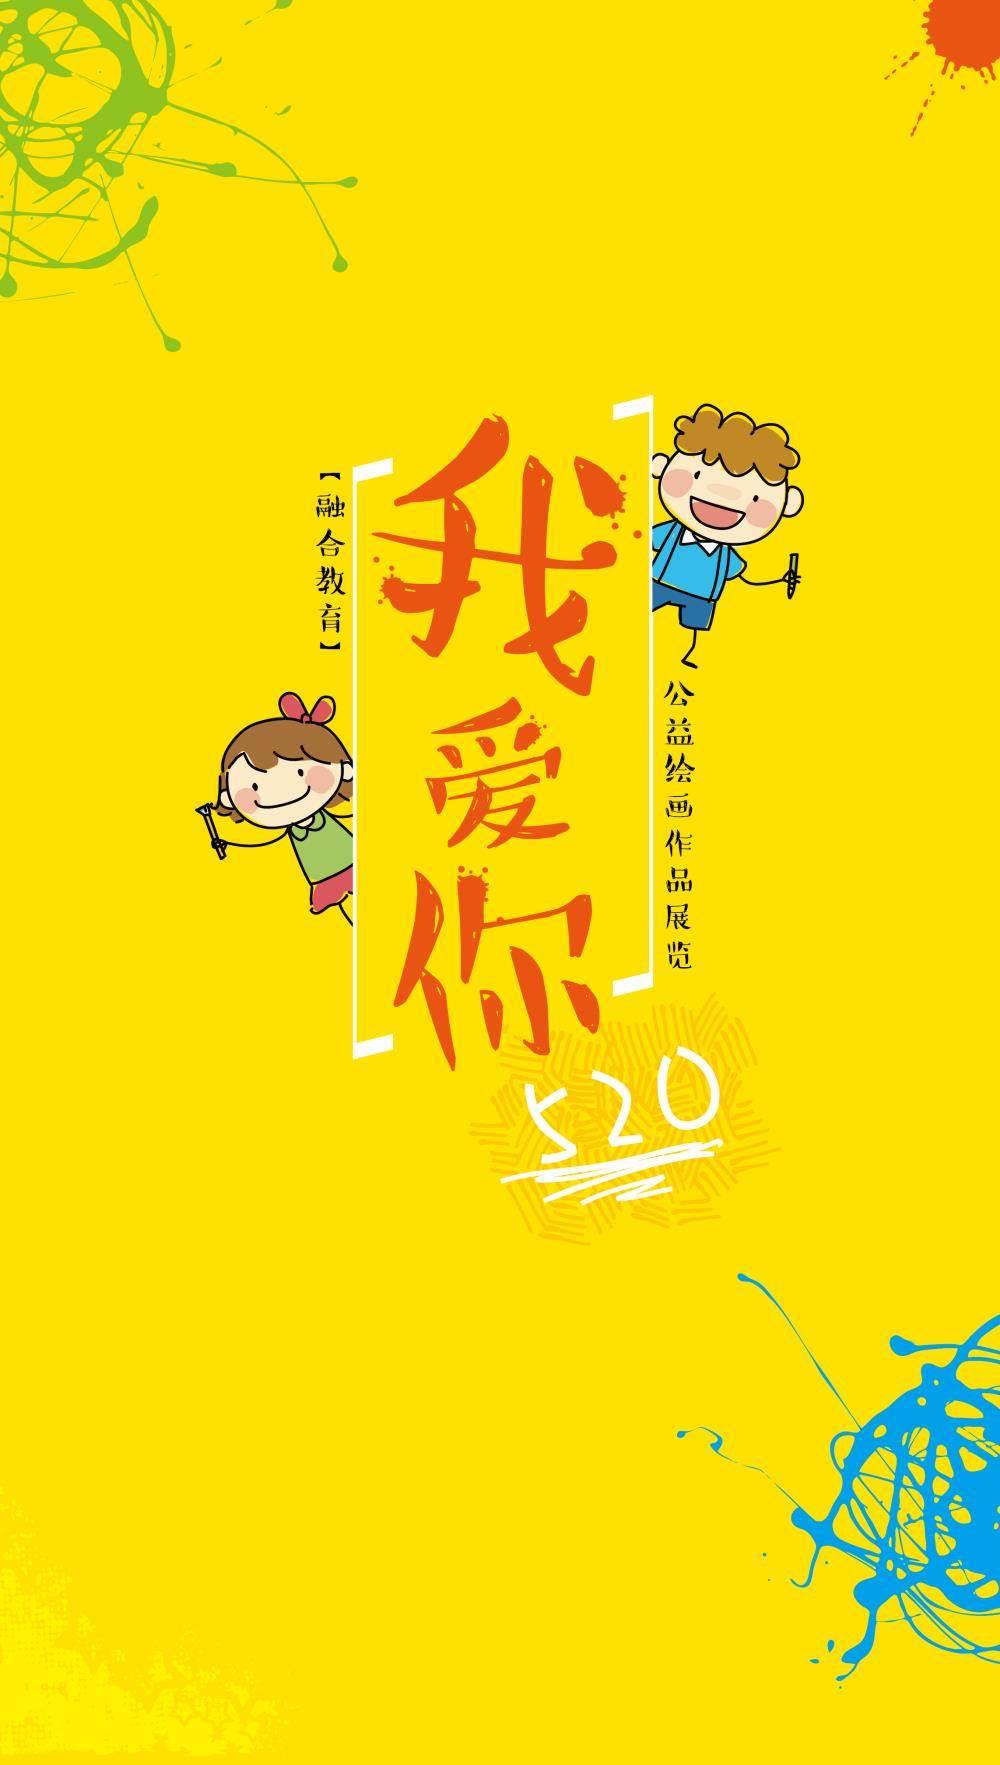 """乐平方""""我爱你融合教育""""儿童绘画主题公益画展作品征集"""